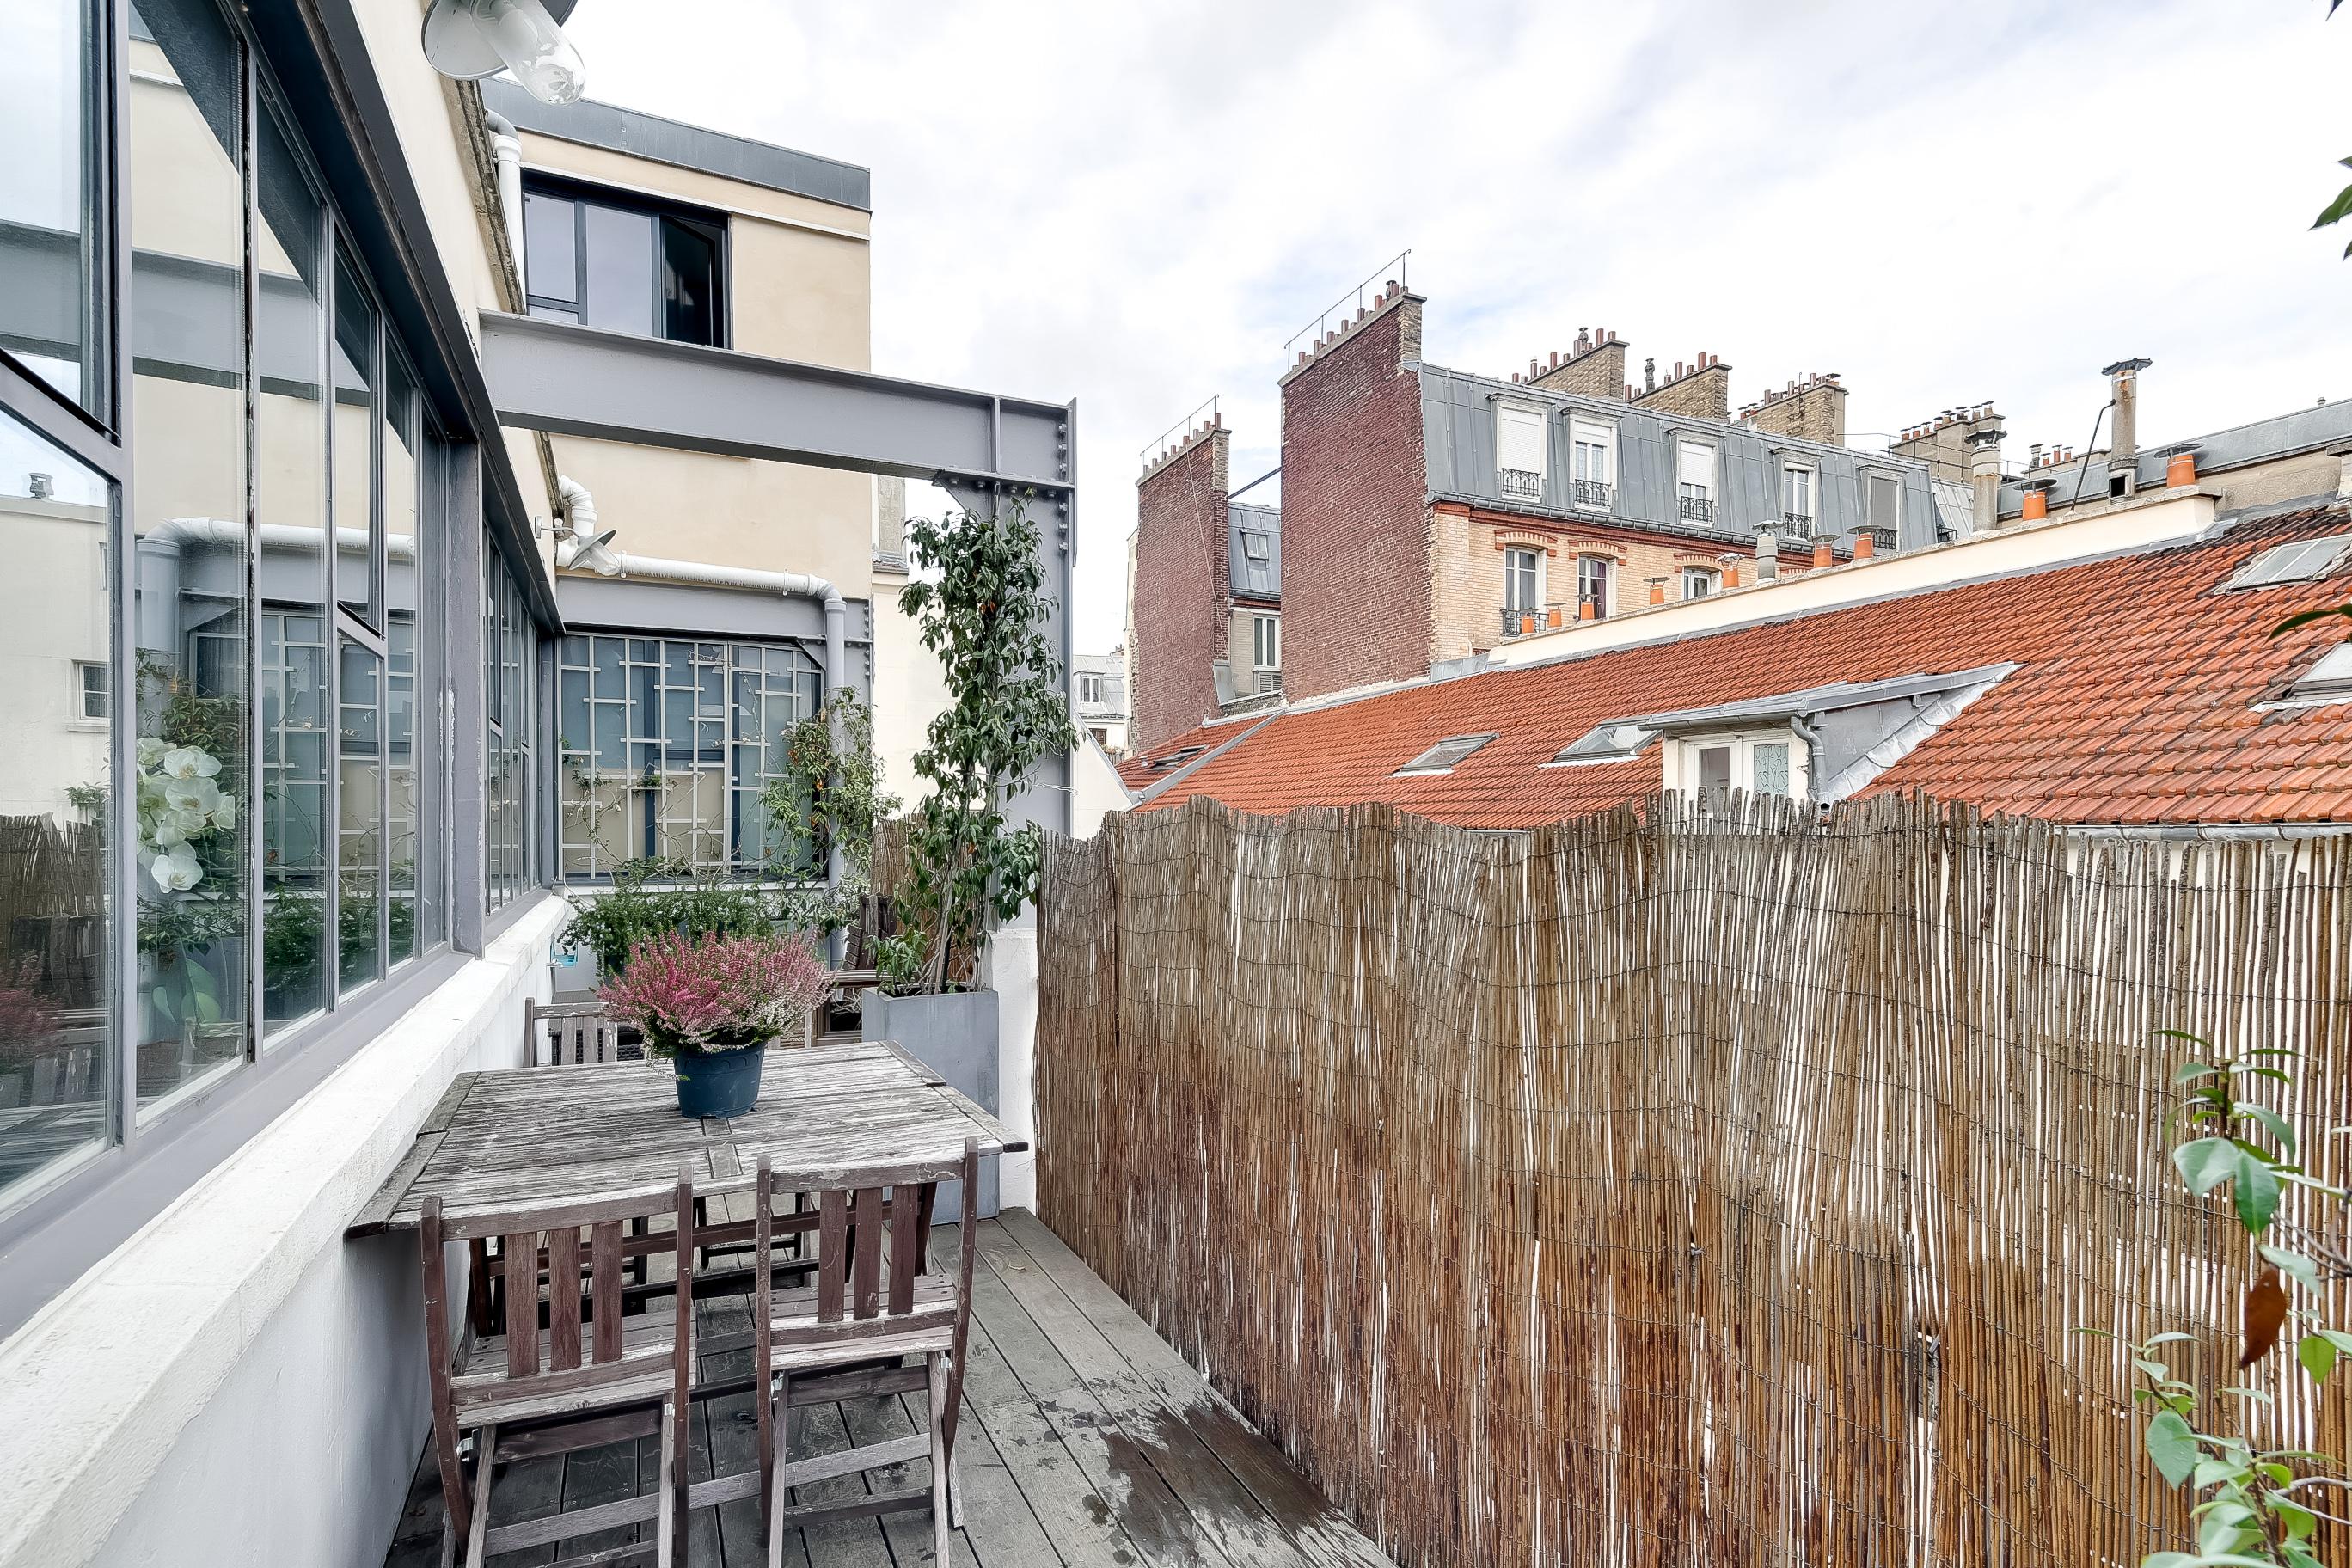 vente appartement paris paris 10eme arrondissement paris 10 entrep t 75010. Black Bedroom Furniture Sets. Home Design Ideas